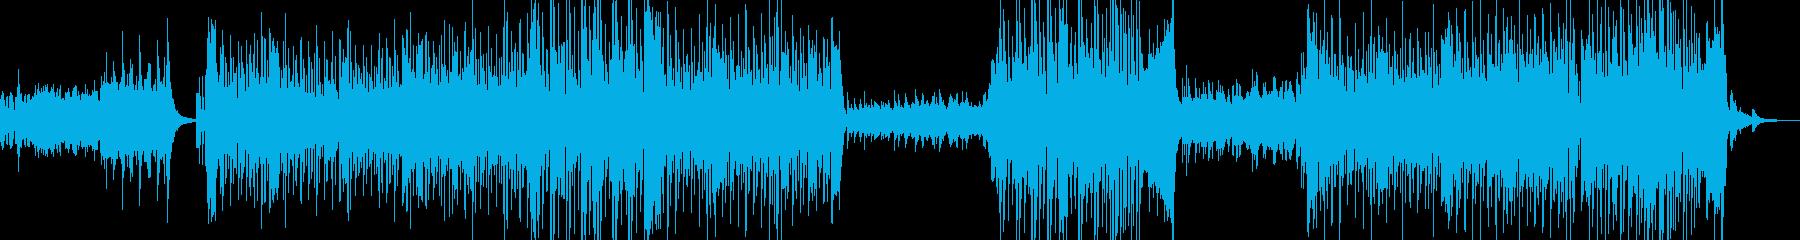 Latin BGM based on flamenco rhythm's reproduced waveform